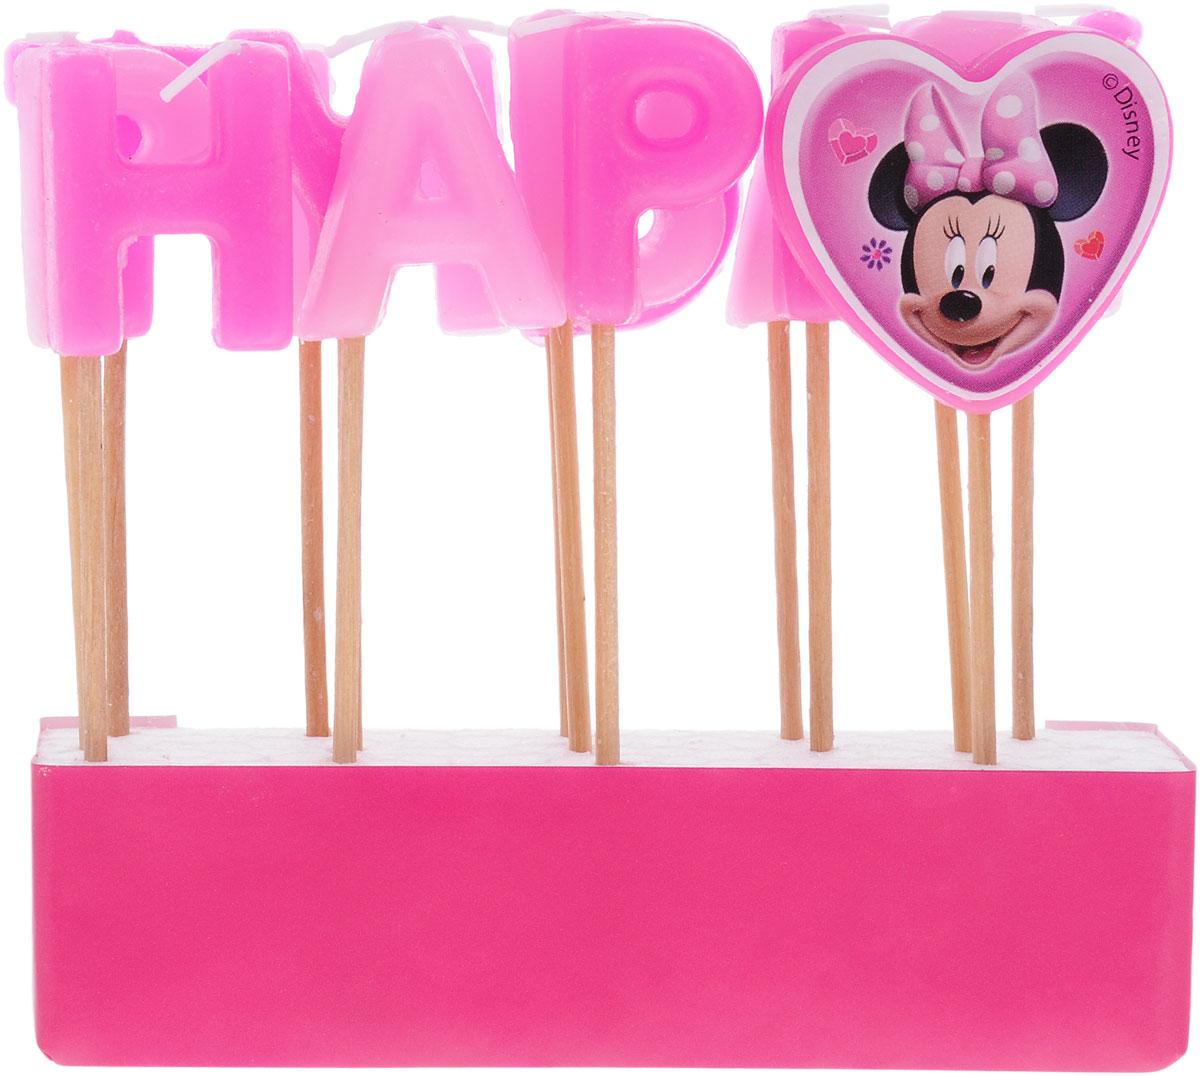 Procos Свечи для торта детские Свечи-буквы Кафе Минни Happy Birthday80531Праздничный торт - главный атрибут праздника на любом дне рождения, особенно, если это детский день рождения. Чтобы сделать торт необычным, достаточно украсить его оригинальными свечами от Procos. Свечи-буквы в стиле Дисней станут лучшим вариантом украшения детского торта. Посаженные на длинные деревянные шпажки, они прочно удержатся на торте. Из букв складывается популярное поздравление Happy Birthday. В наборе 14 шпажек со свечами. С такими свечками праздник удастся на славу, а маленький именинник будет в восторге!